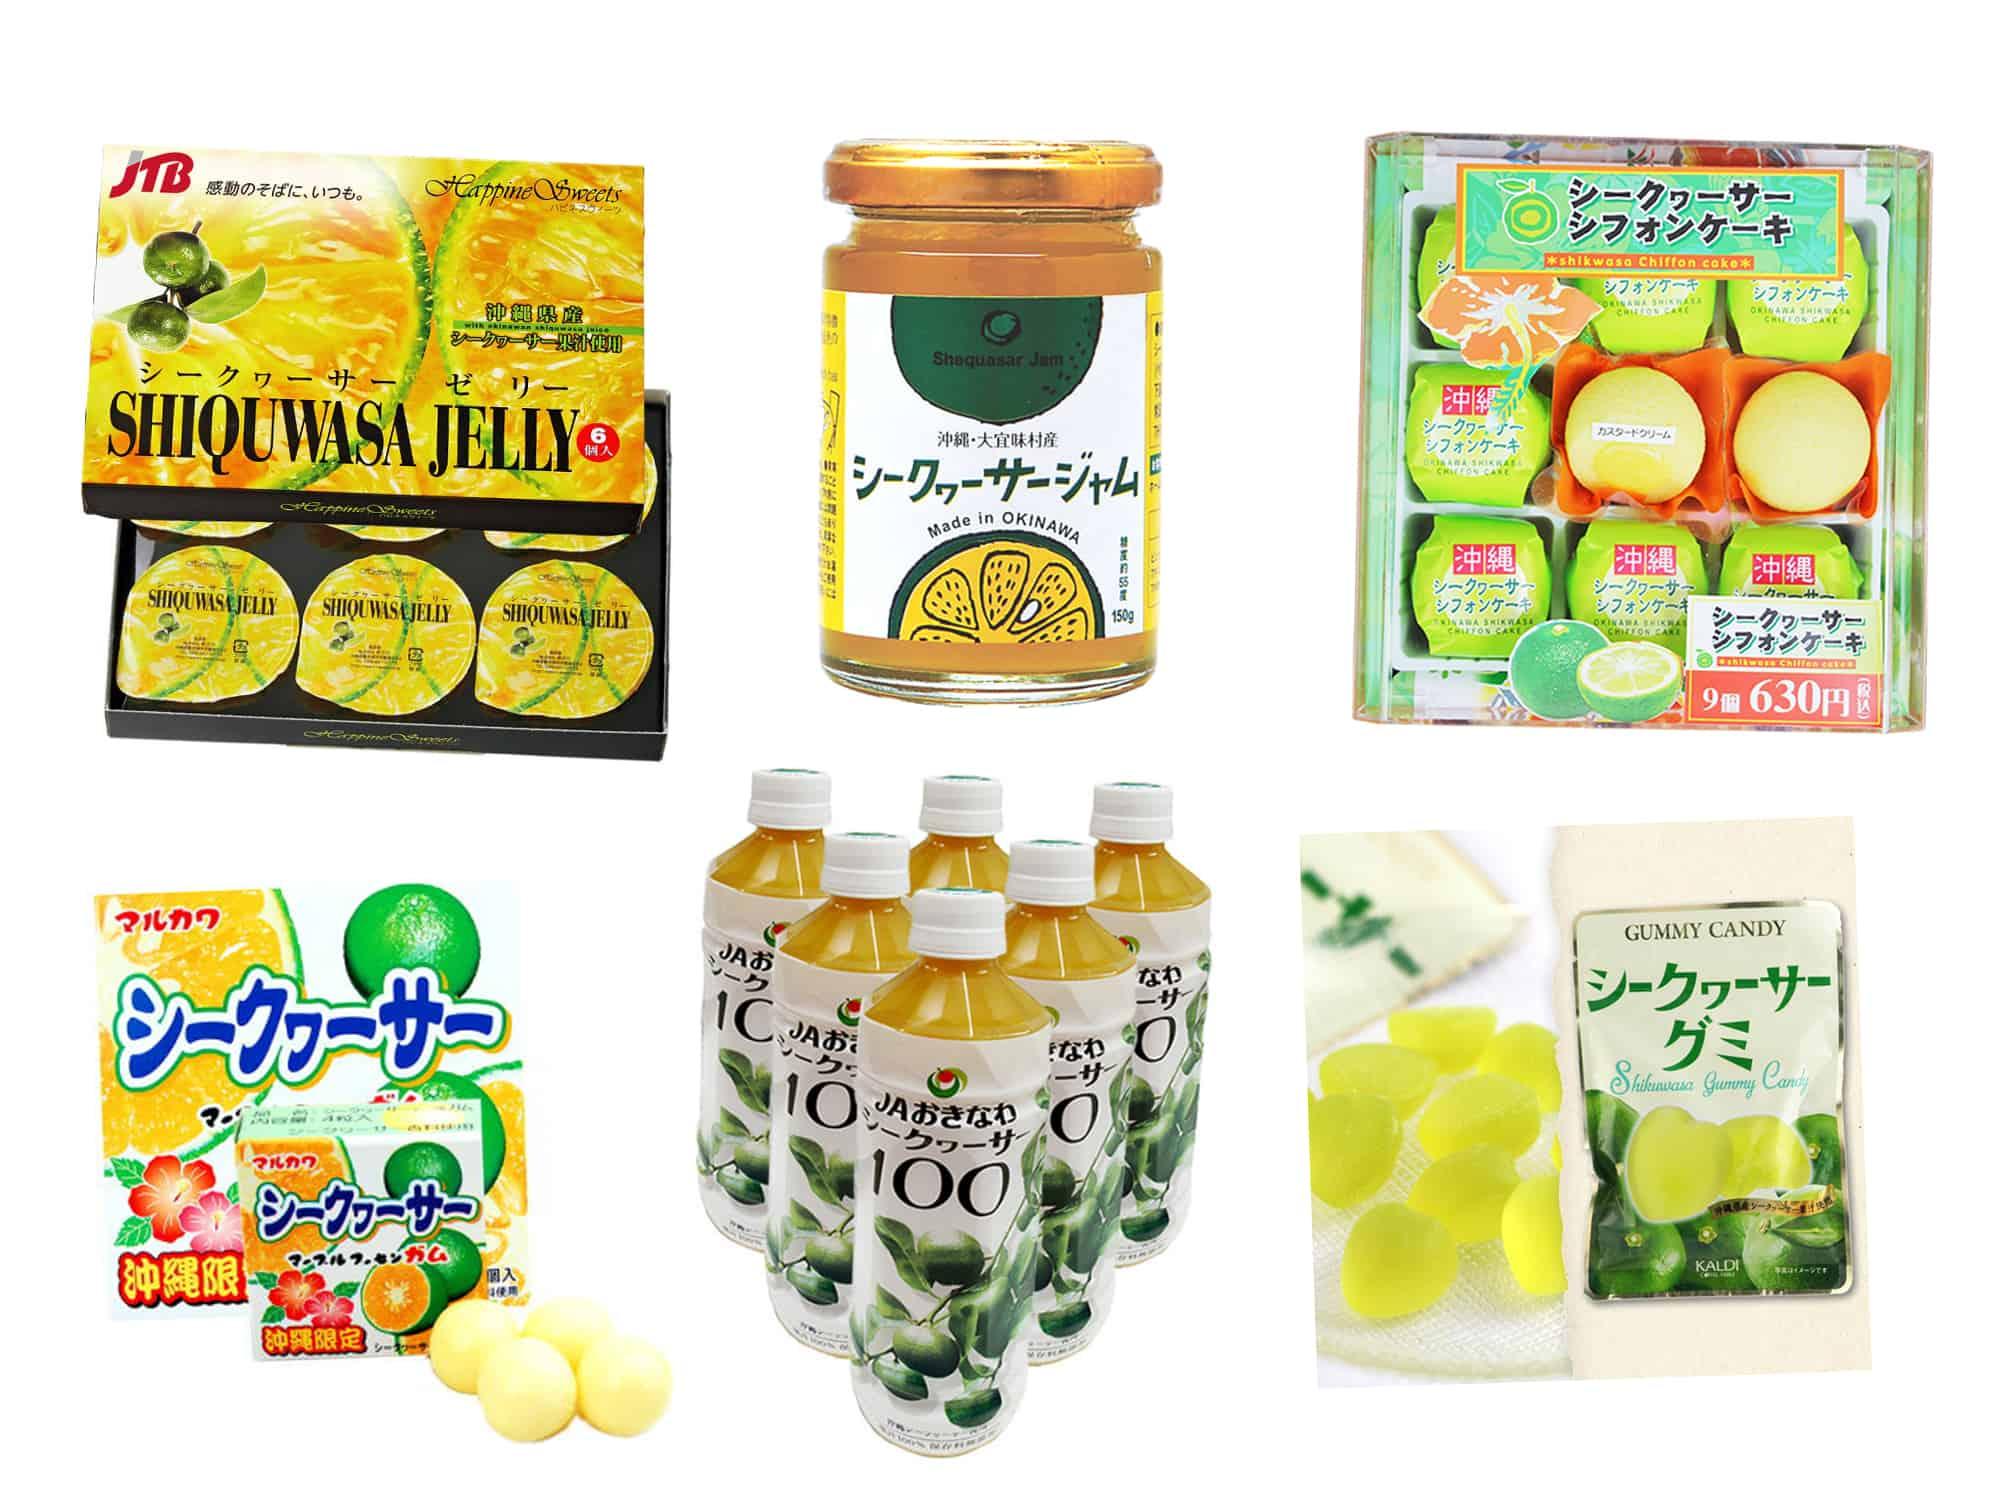 ชิกควาซ่า (シークヮーサー) คือผลไม้ท้องถิ่นโอกินาว่า เจอที่ไหนแนะนำให้ซื้อมาฝากคนที่บ้านเลย